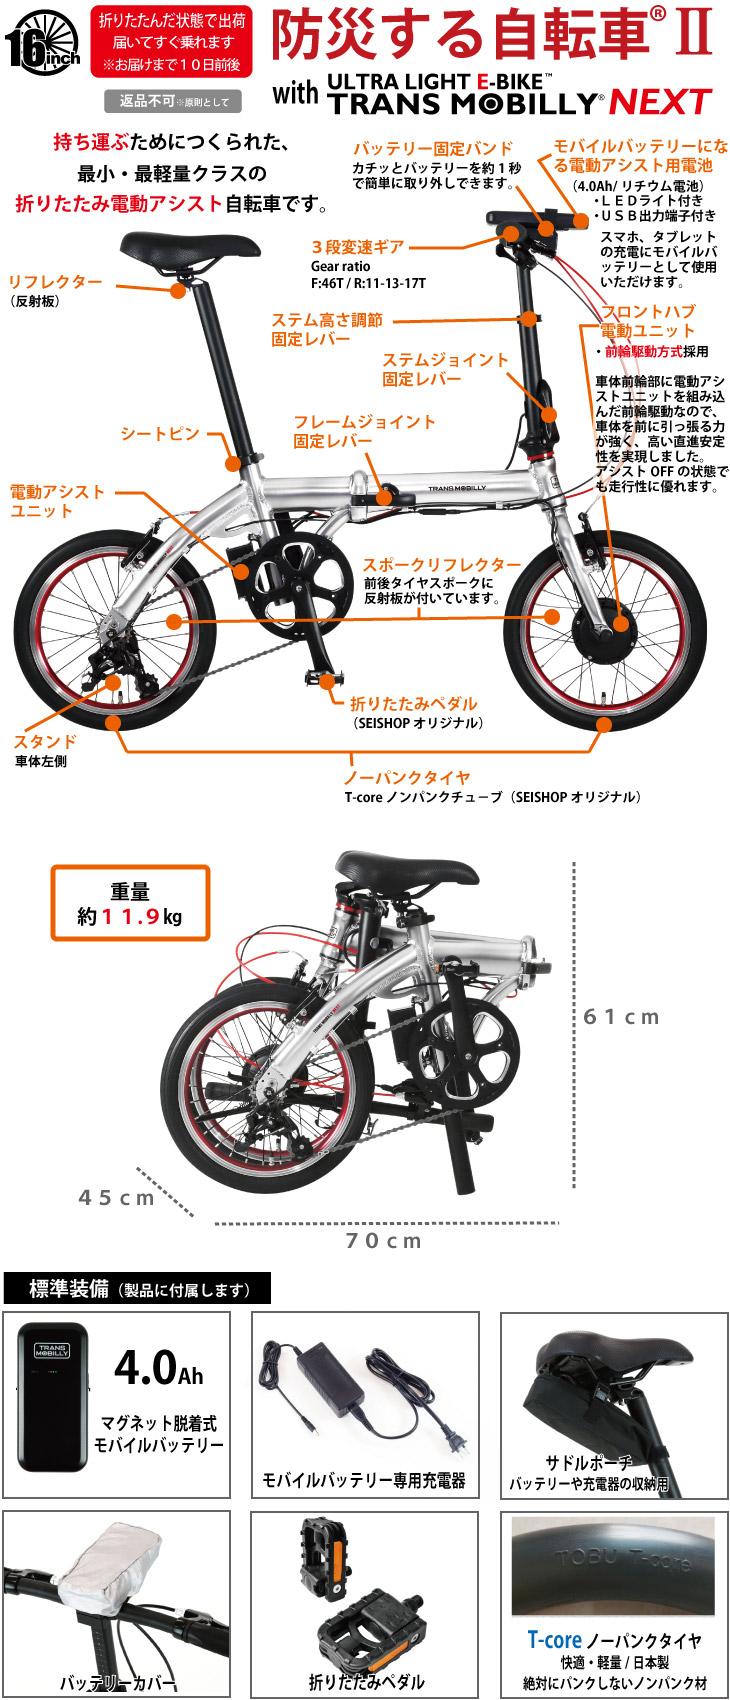 防災する電動アシスト自転車の仕様